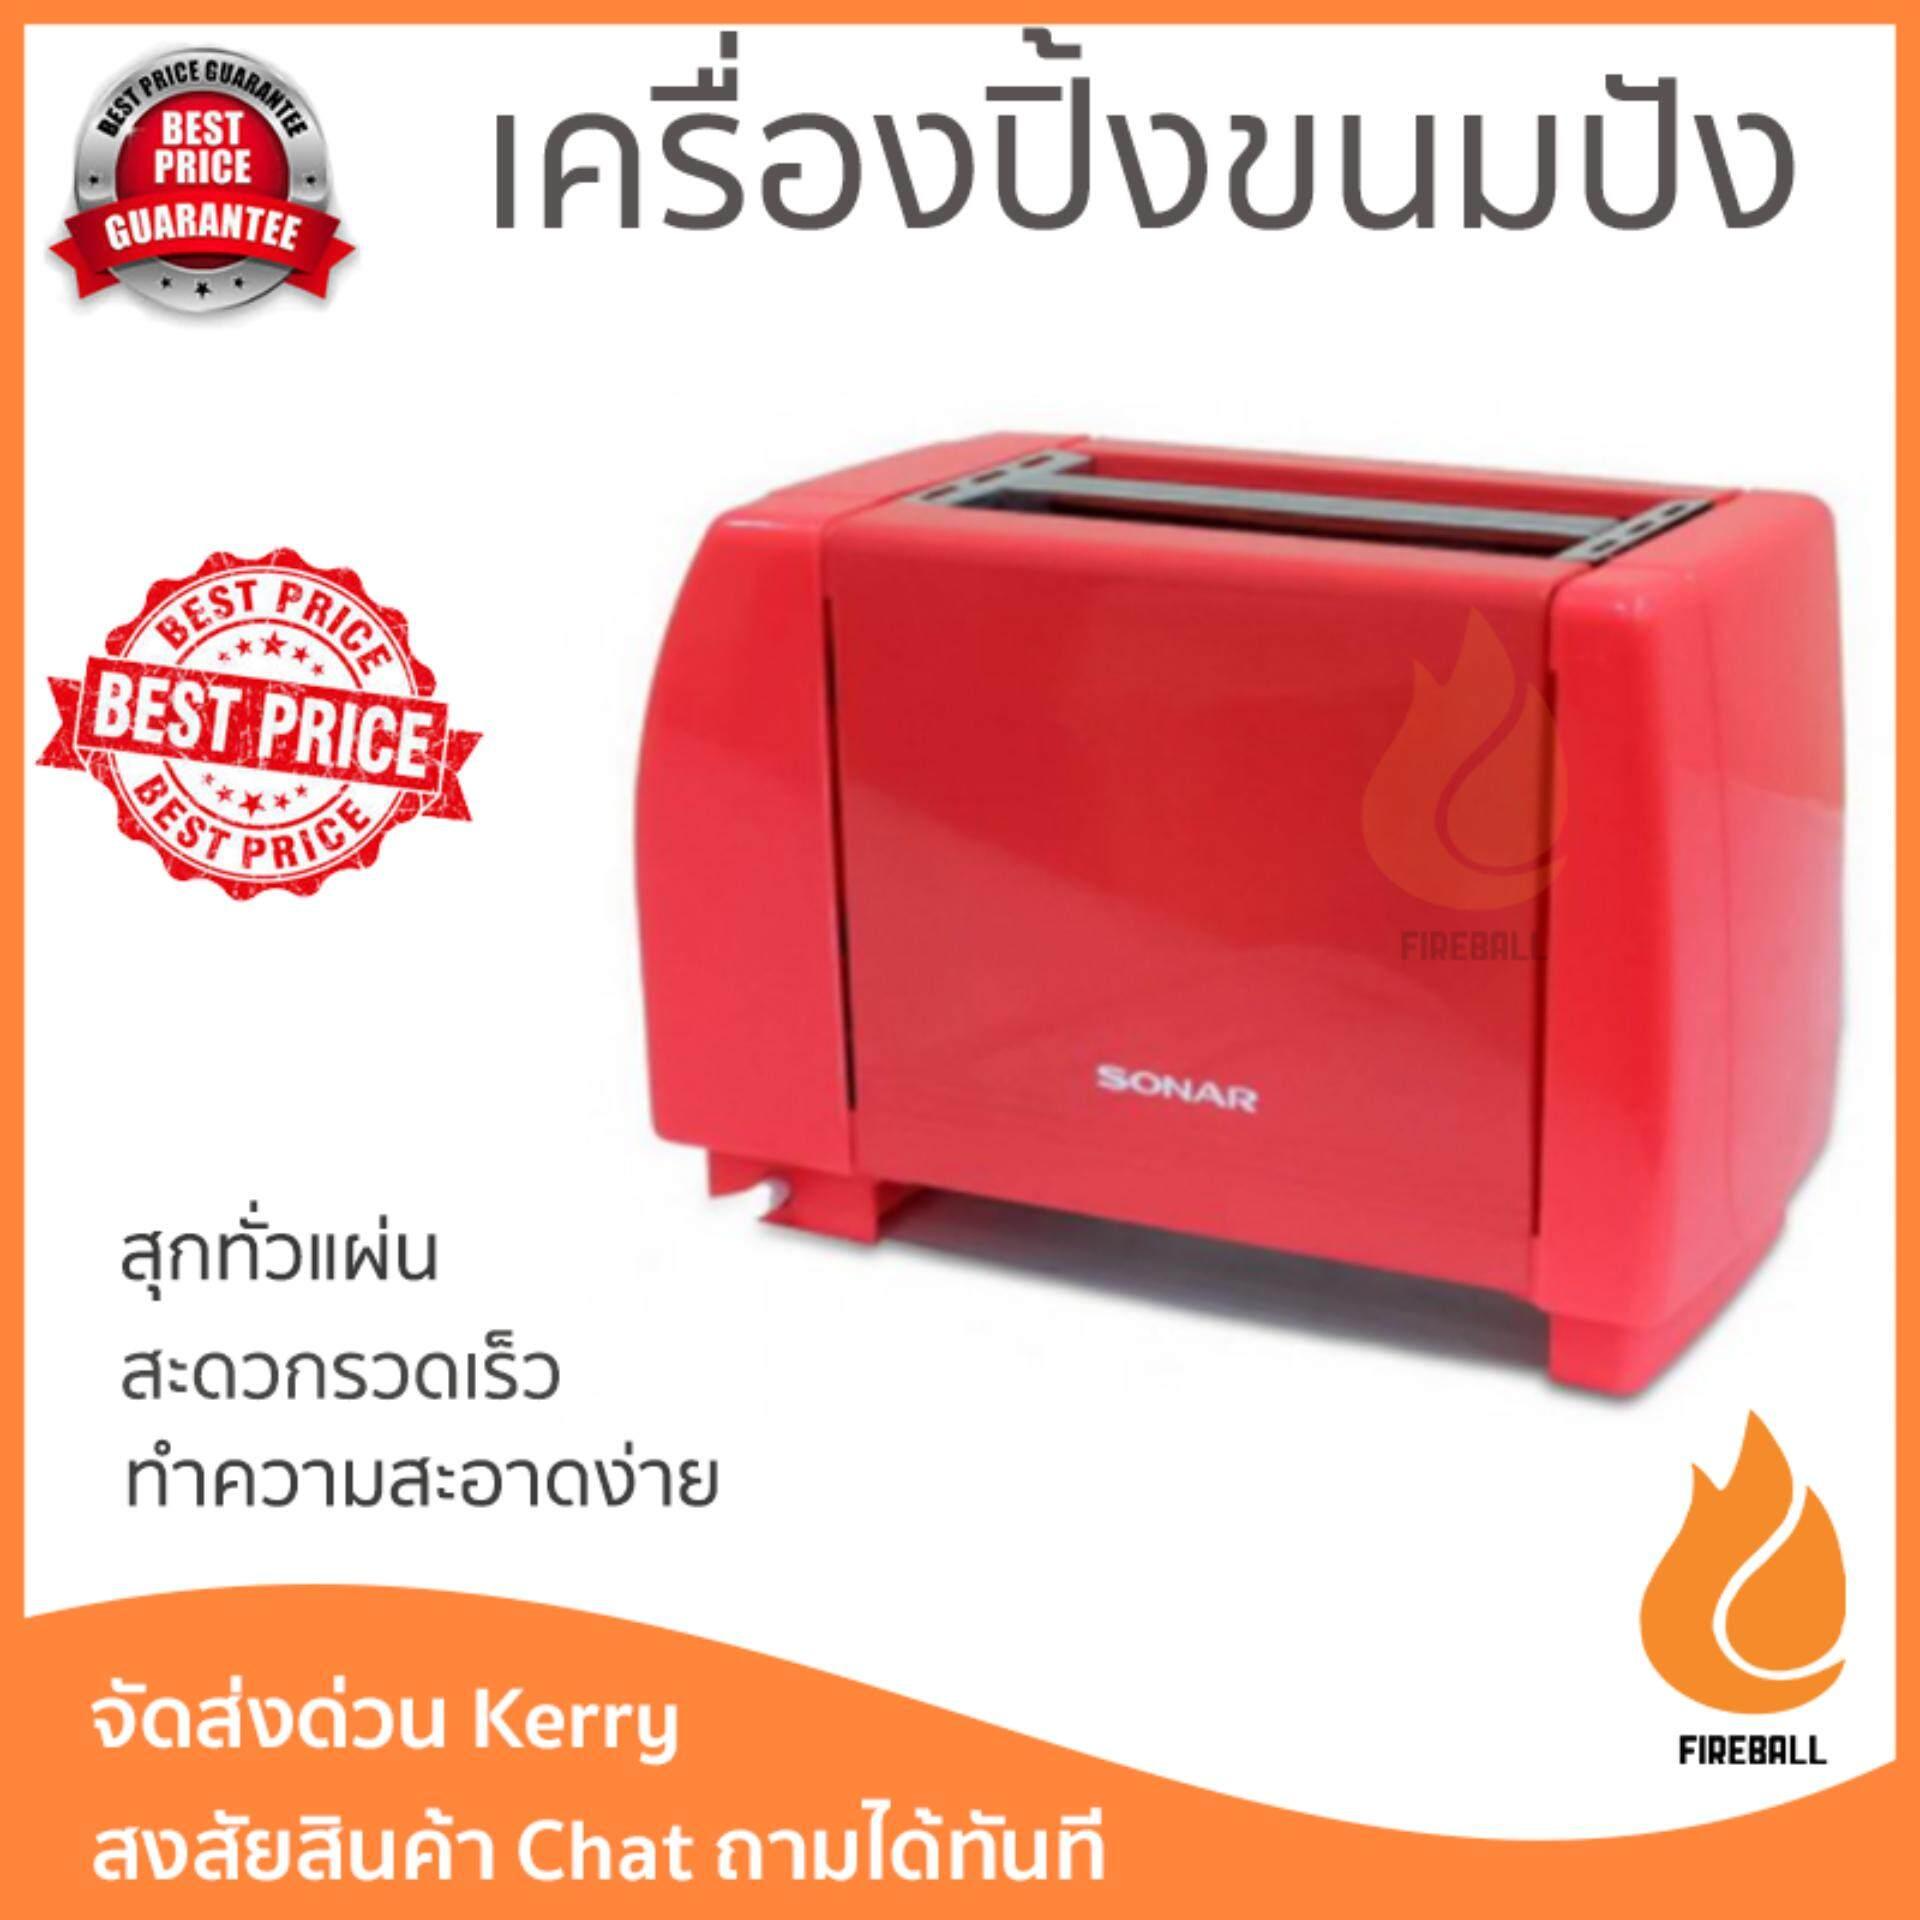 ลดสุดๆ โปรโมชัน            SONAR เครื่องปิ้งขนมปัง (750วัตต์ สีแดง) รุ่น ET-2S              สุกทั่วแผ่น ไม่ไหม้ ปรับระดับความร้อนได้ รับประกันสินค้า 1 ปี จัดส่งฟรี Kerry ทั่วประเทศ